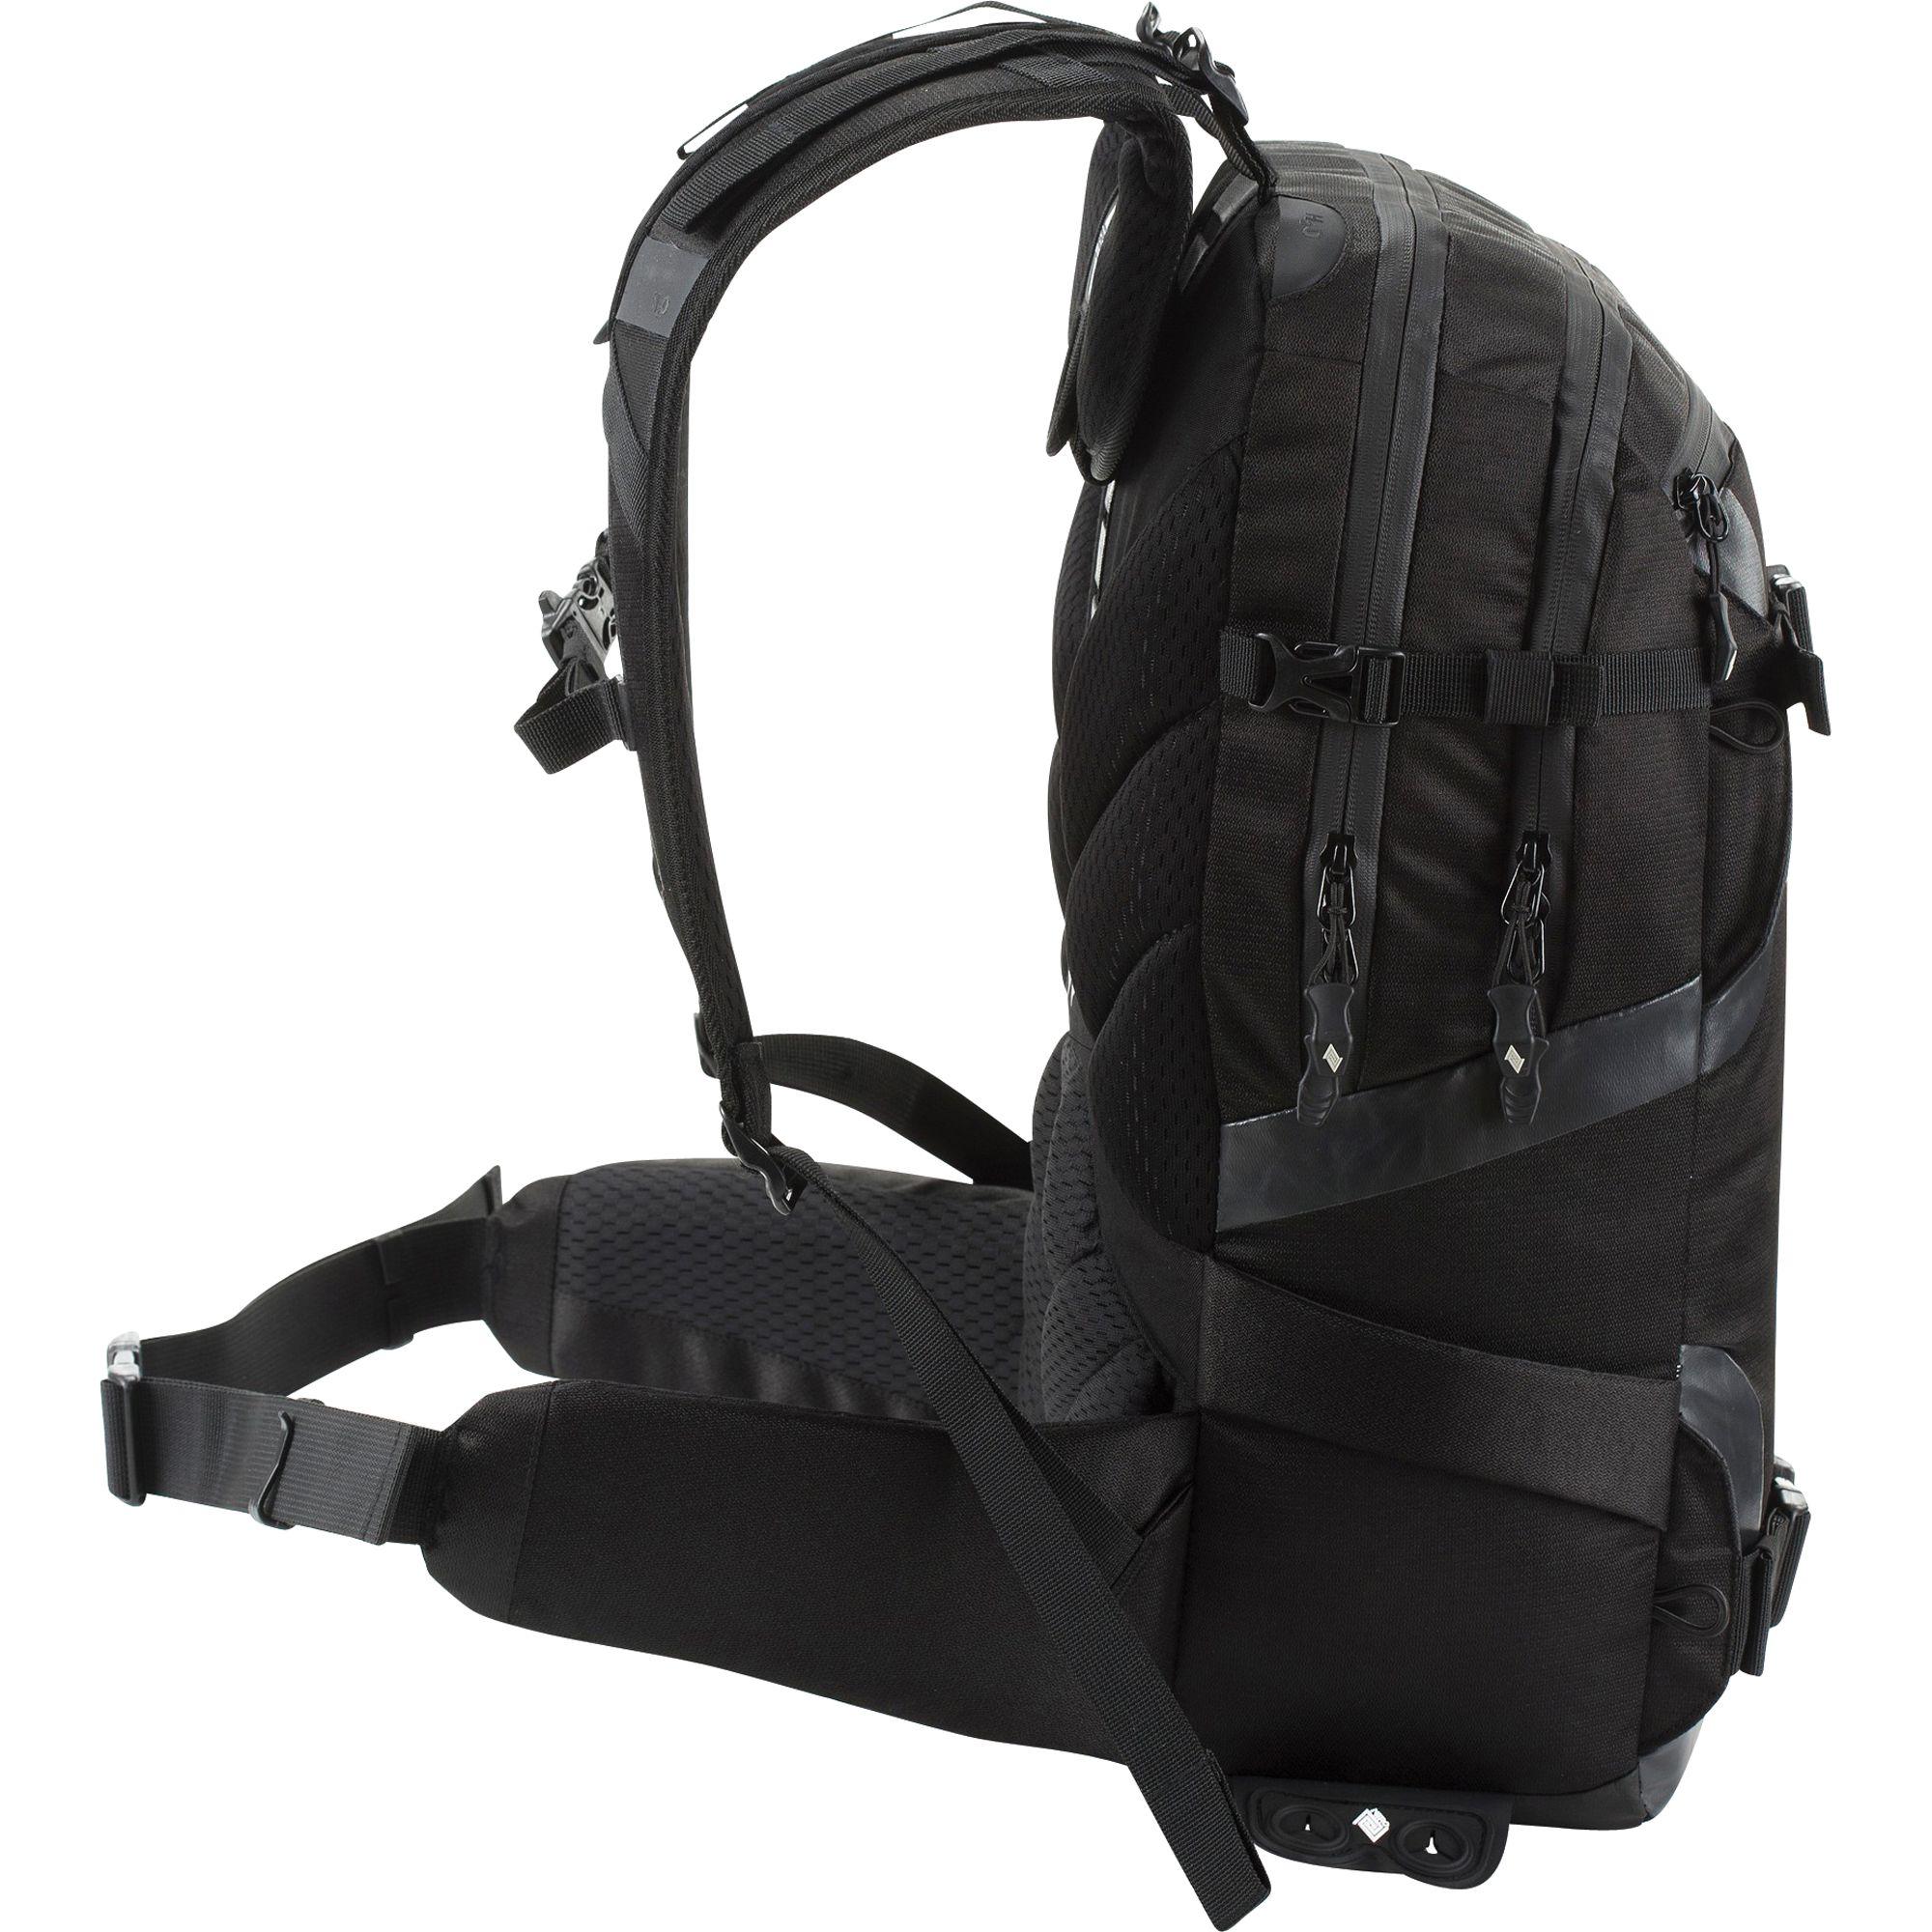 Rucsaci -  nitro Slash 25 Pro